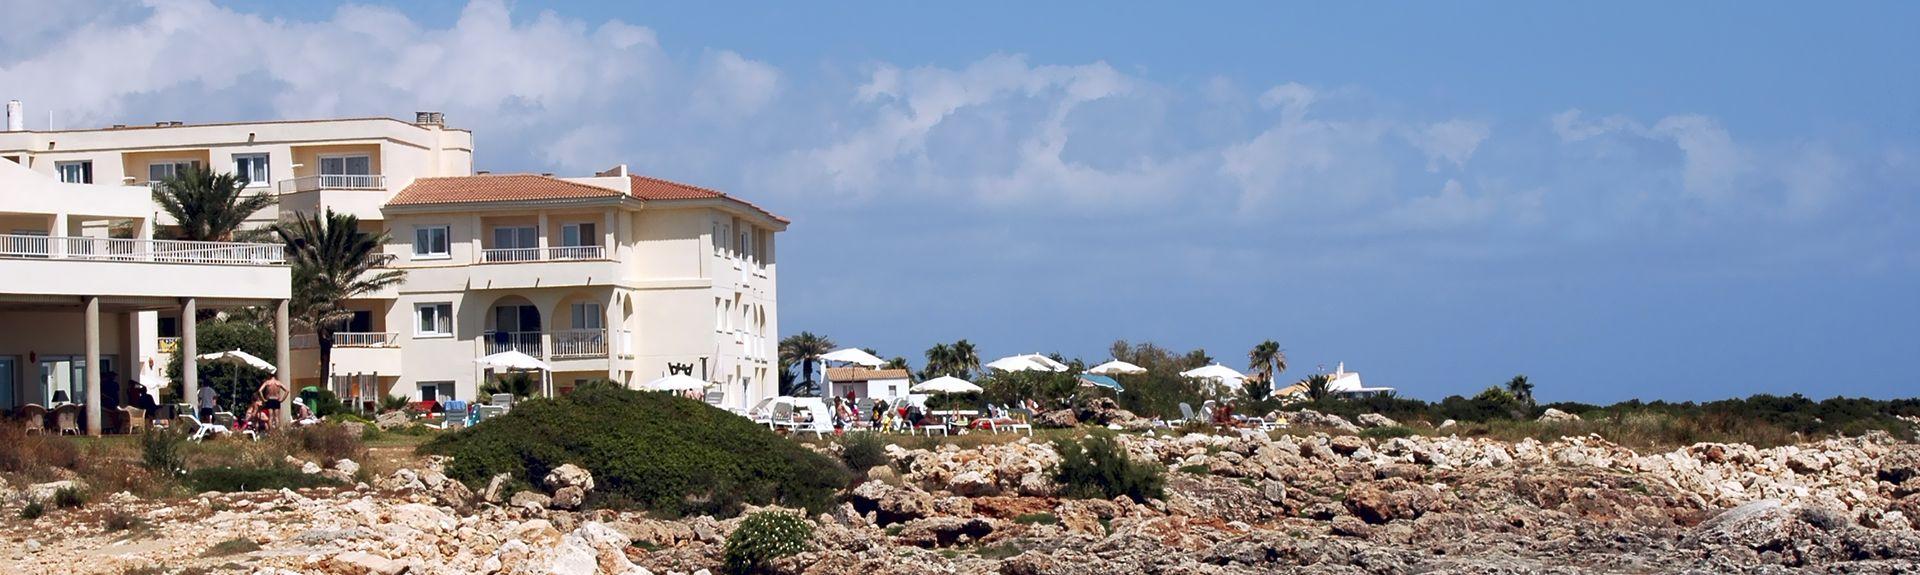 Son Bou, Alayor, Balearic Islands, Spain